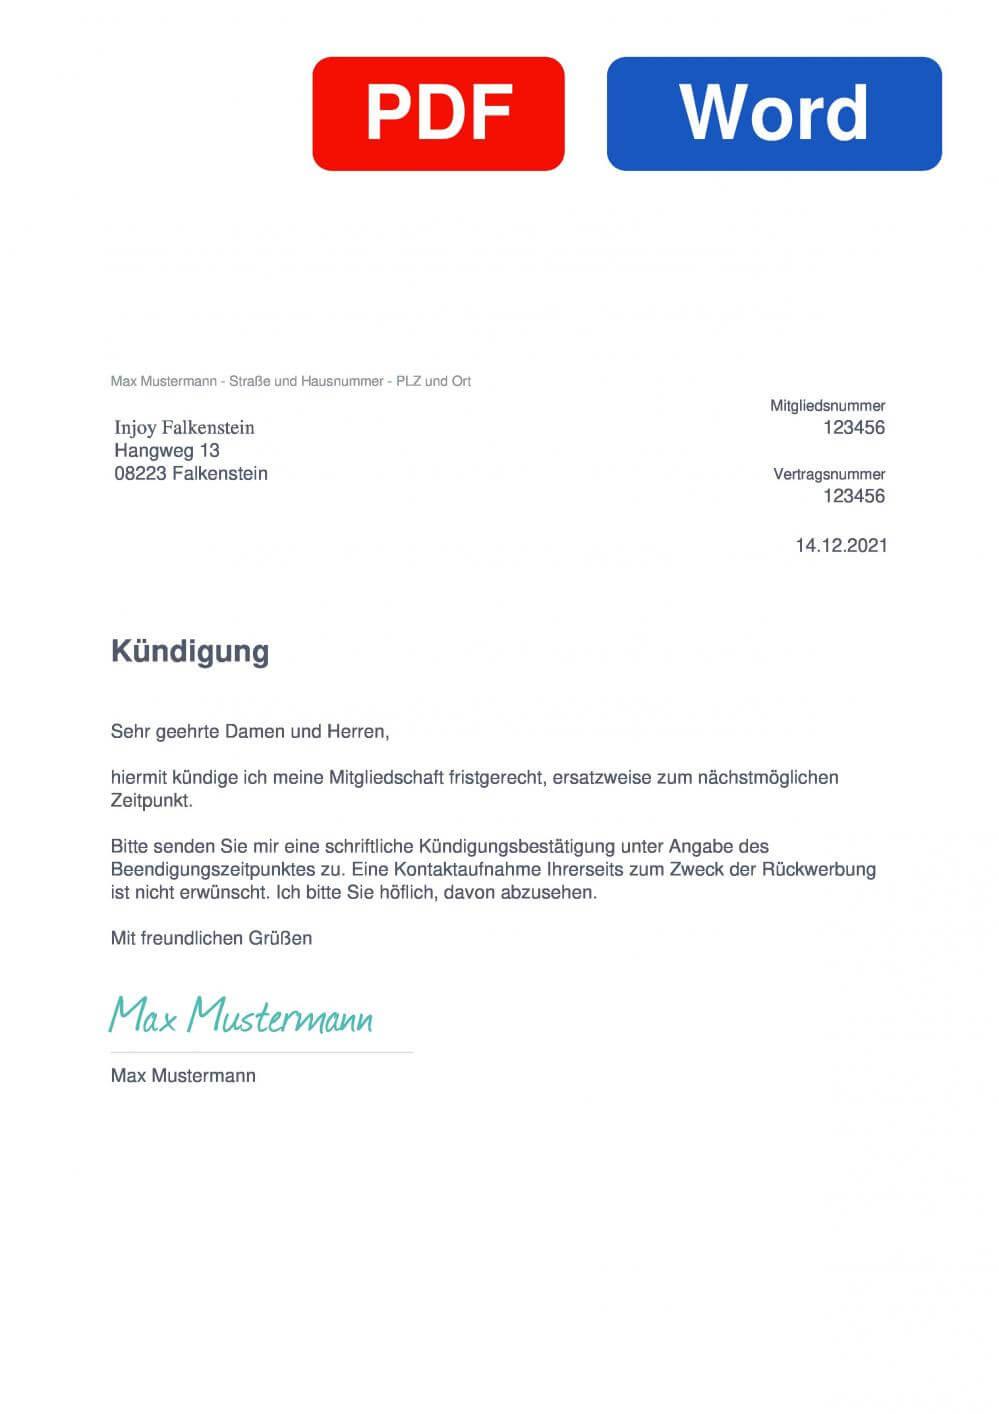 INJOY Falkenstein Muster Vorlage für Kündigungsschreiben